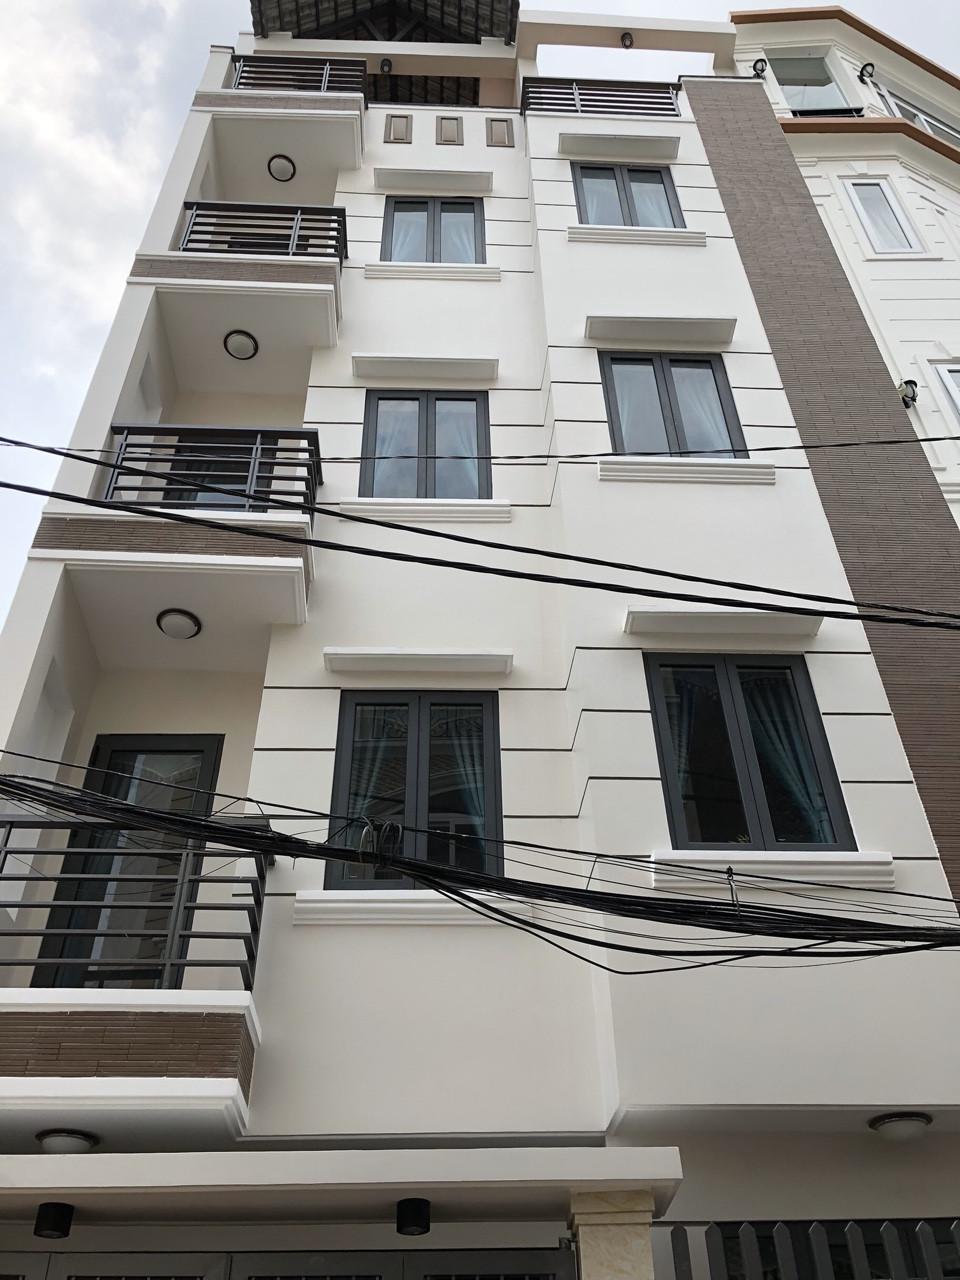 Bán nhà Phan Văn Trị P11 Bình Thạnh 4 lầu 6.4 tỷ nhà mới xây